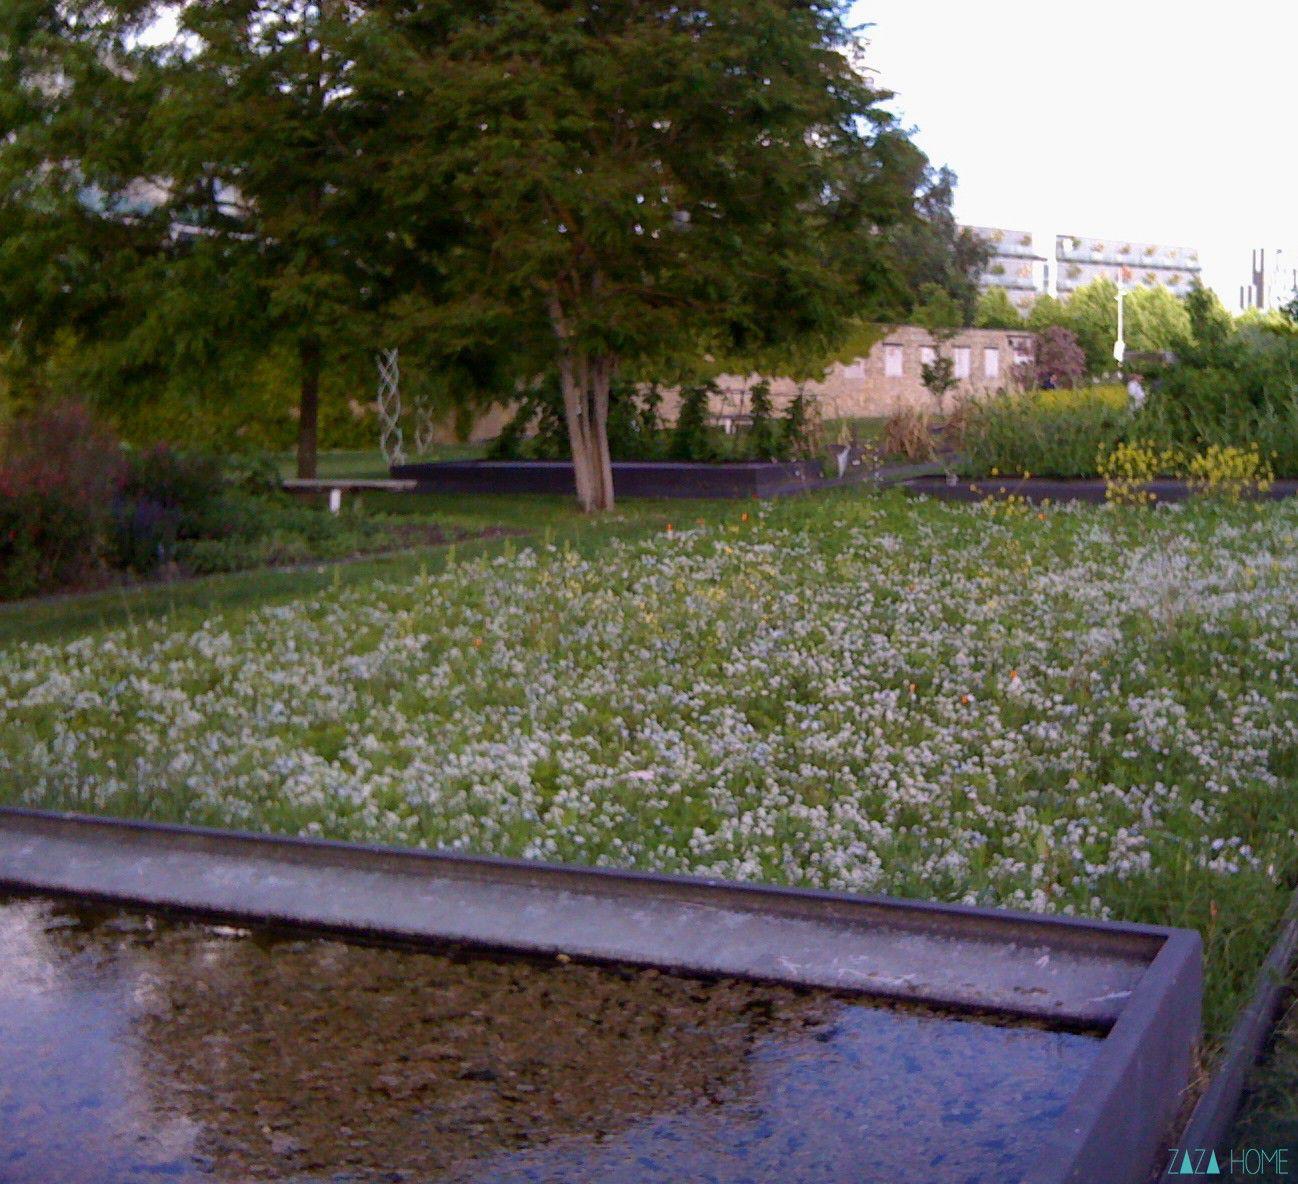 Jardin botanique bordeaux bastide zaza home for Appartement bordeaux jardin botanique